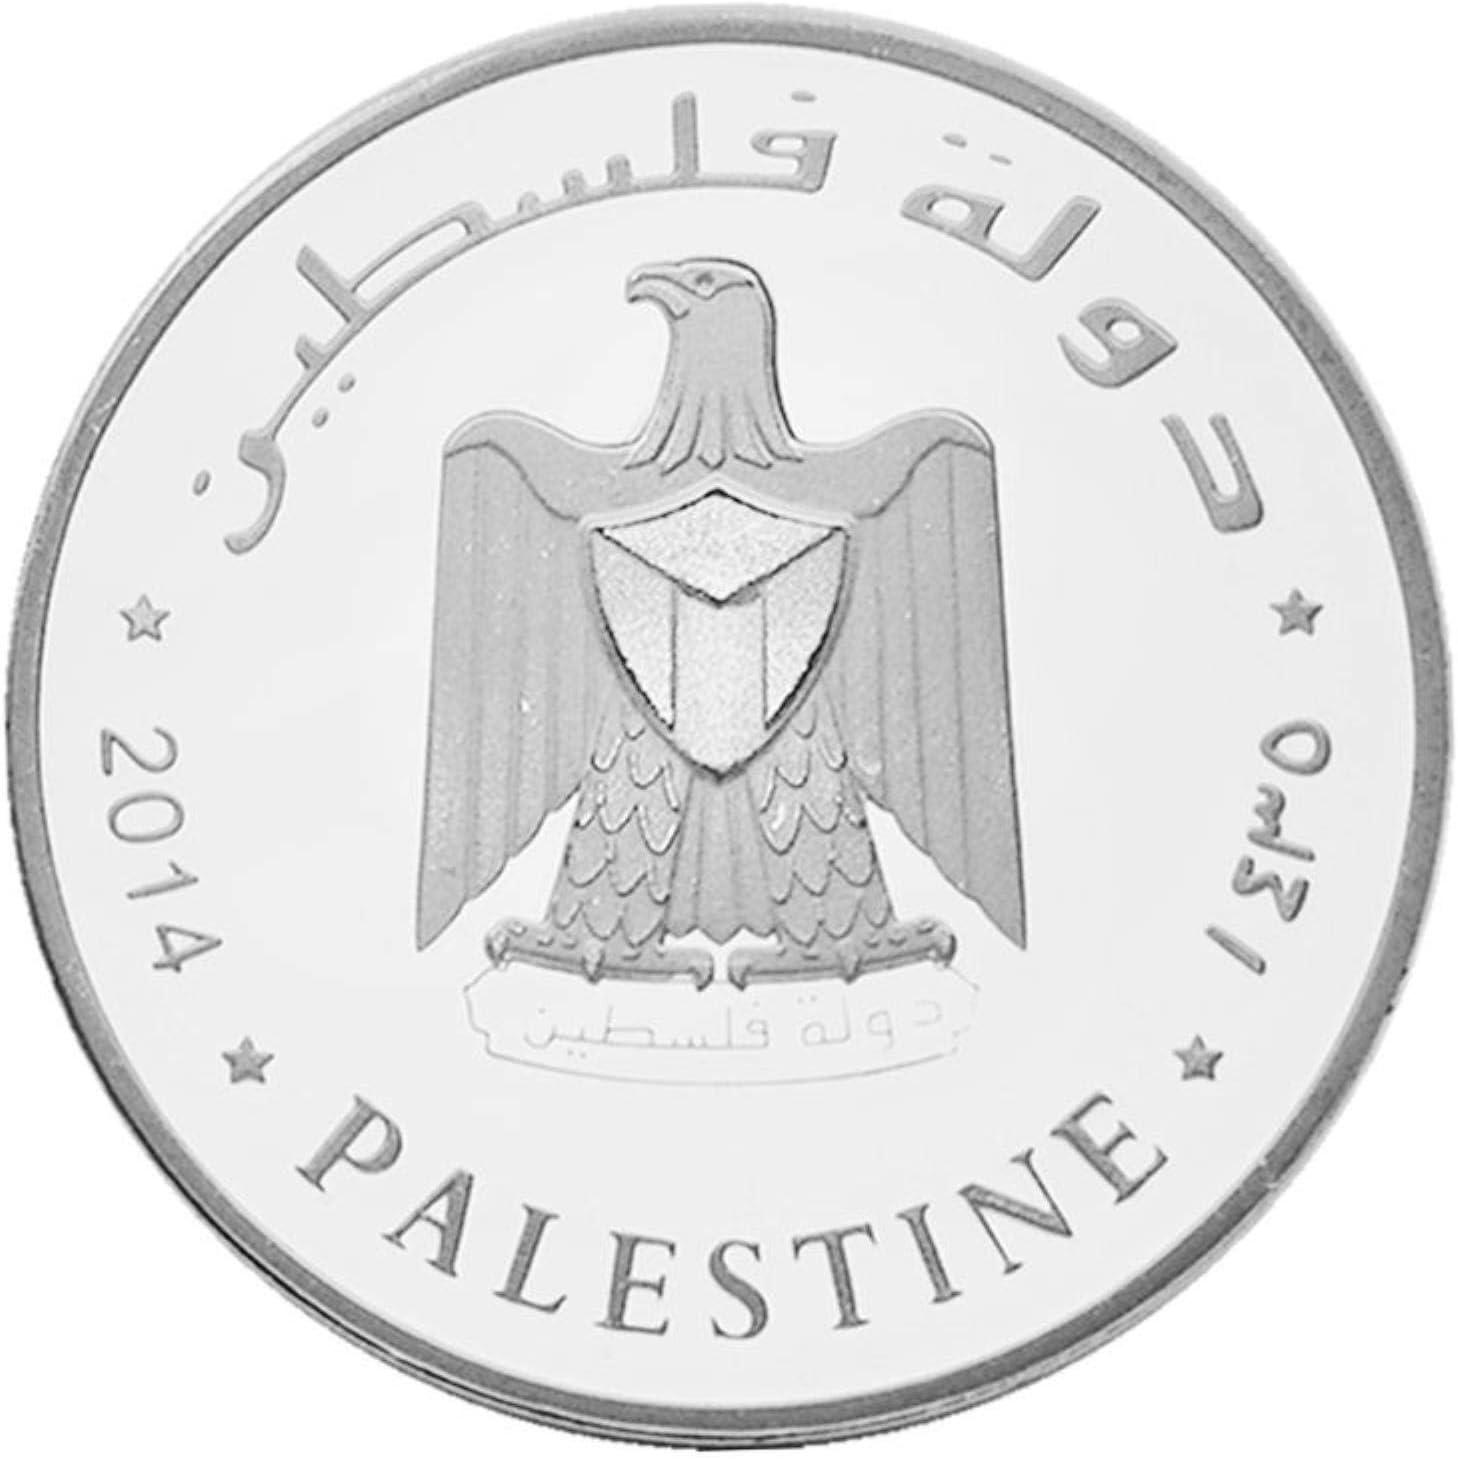 QAZPL Moneda sin Moneda Ciudad Santa Jerusalén colección de Monedas conmemorativas Regalo Recuerdo Moneda Arte artesanía Metal Antiguo